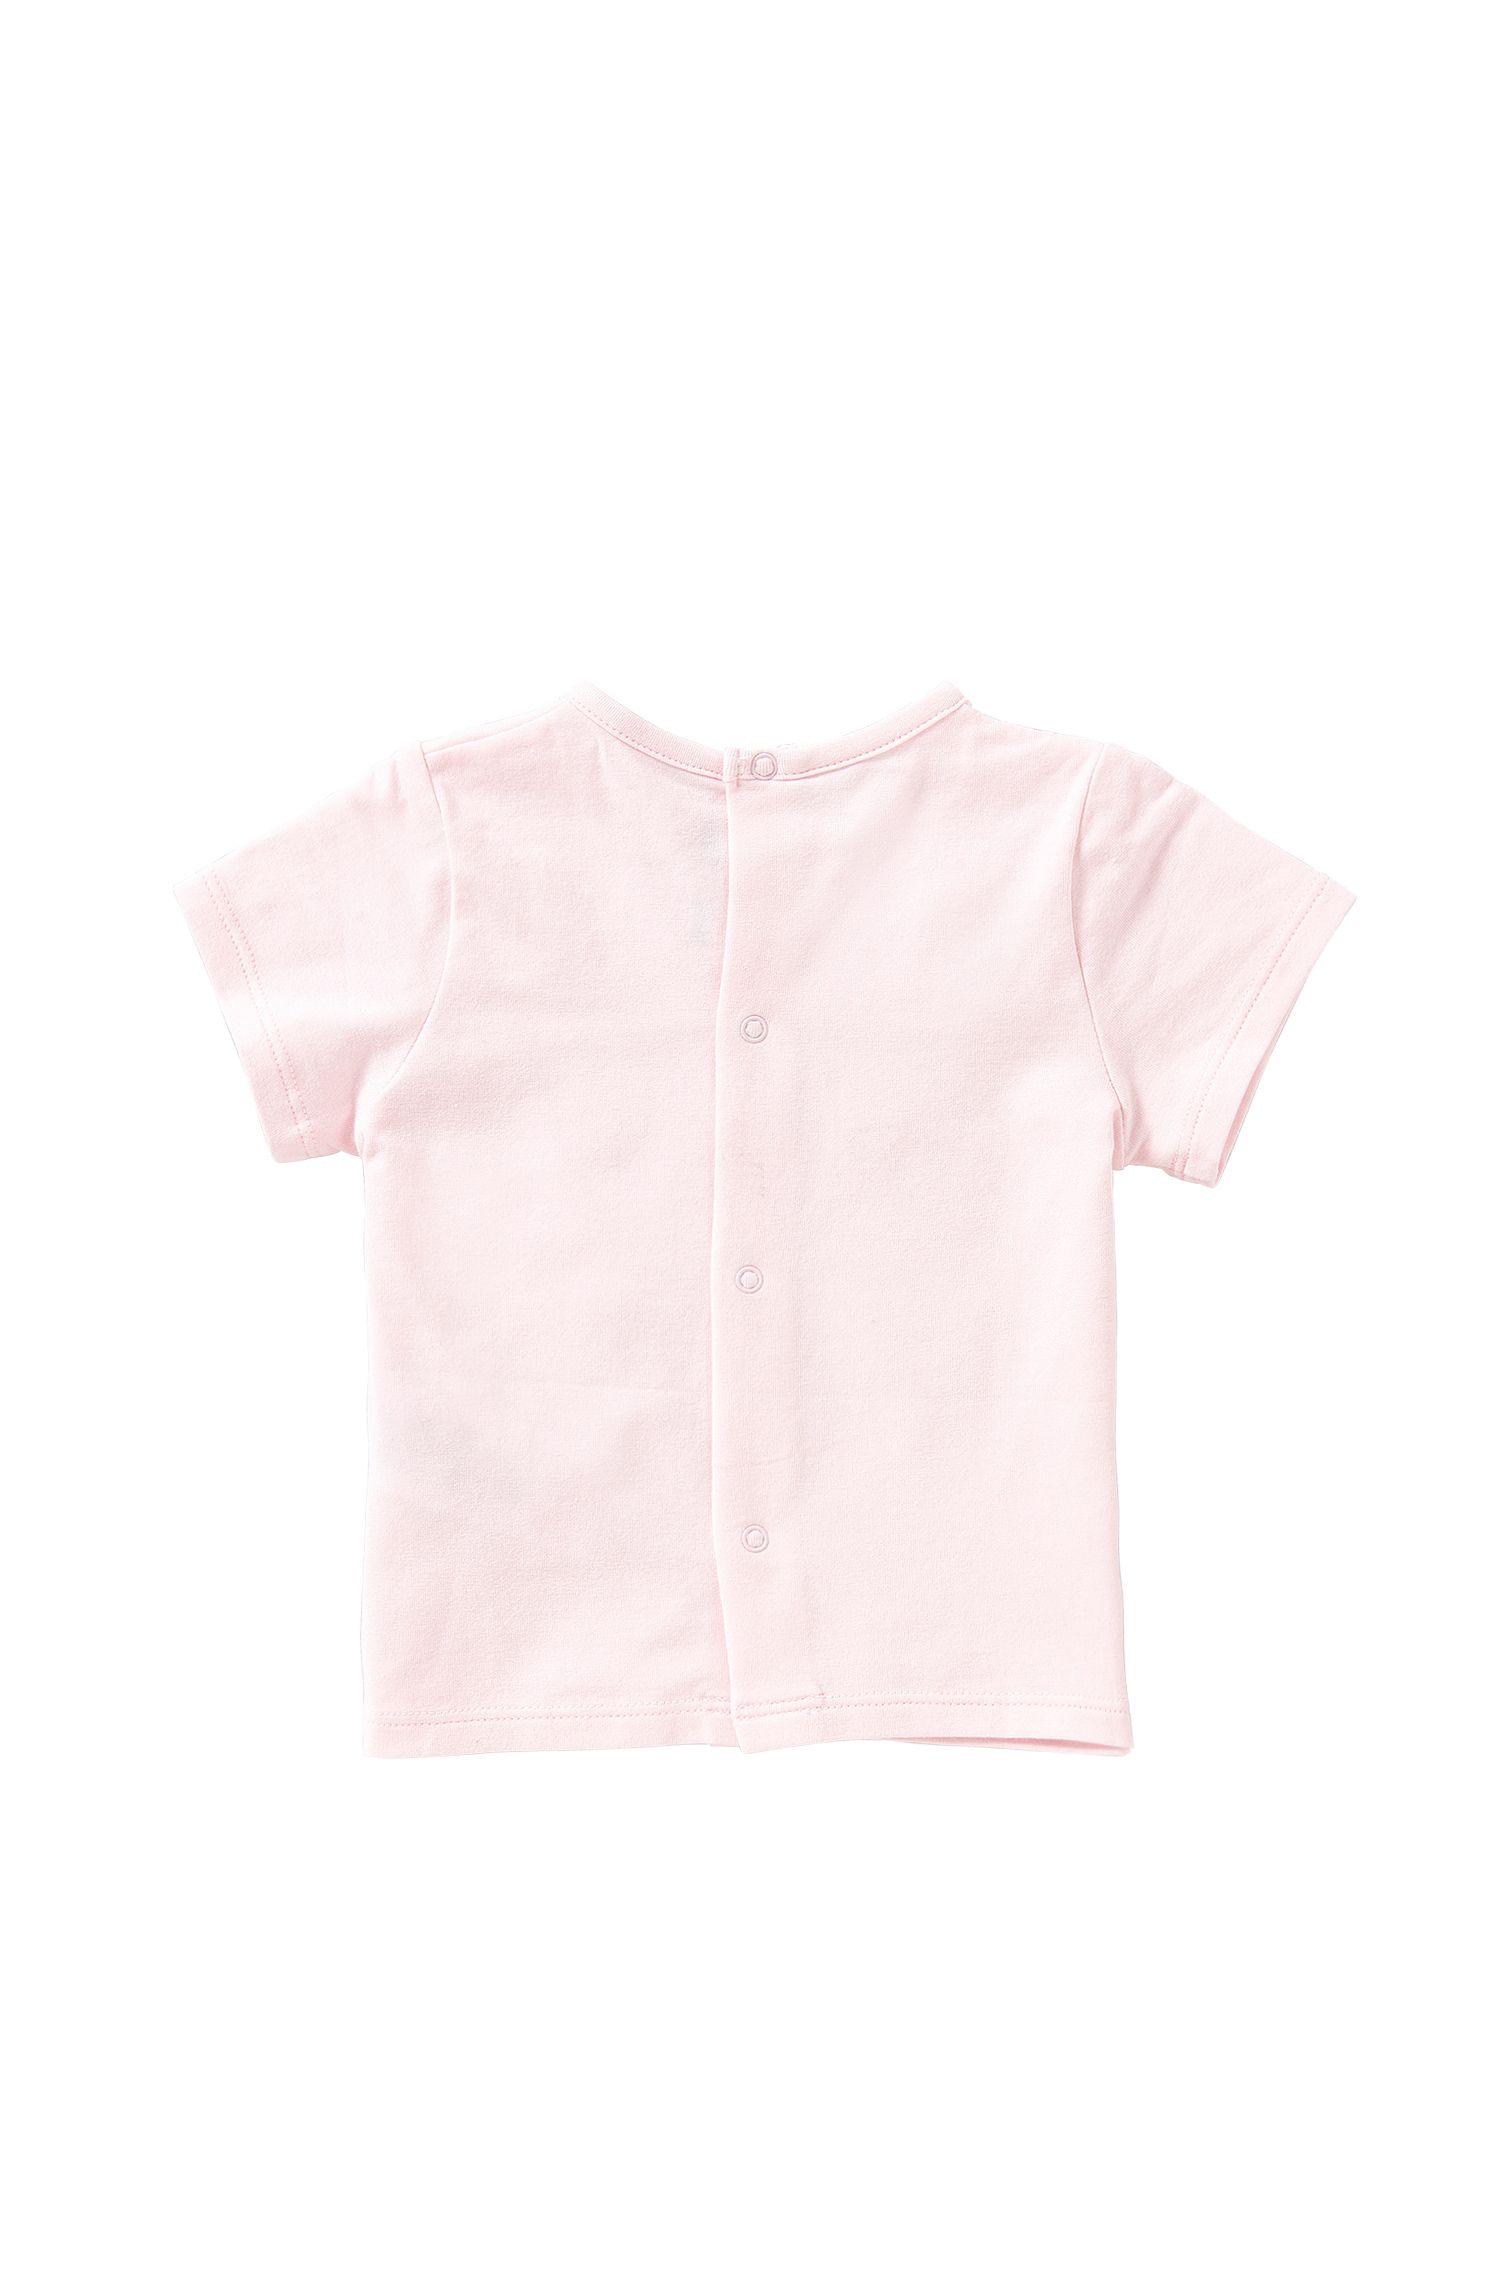 T-shirt pour bébé en coton extensible avec patte de boutonnage à boutons-pression dans le dos: «J95196», Rose clair